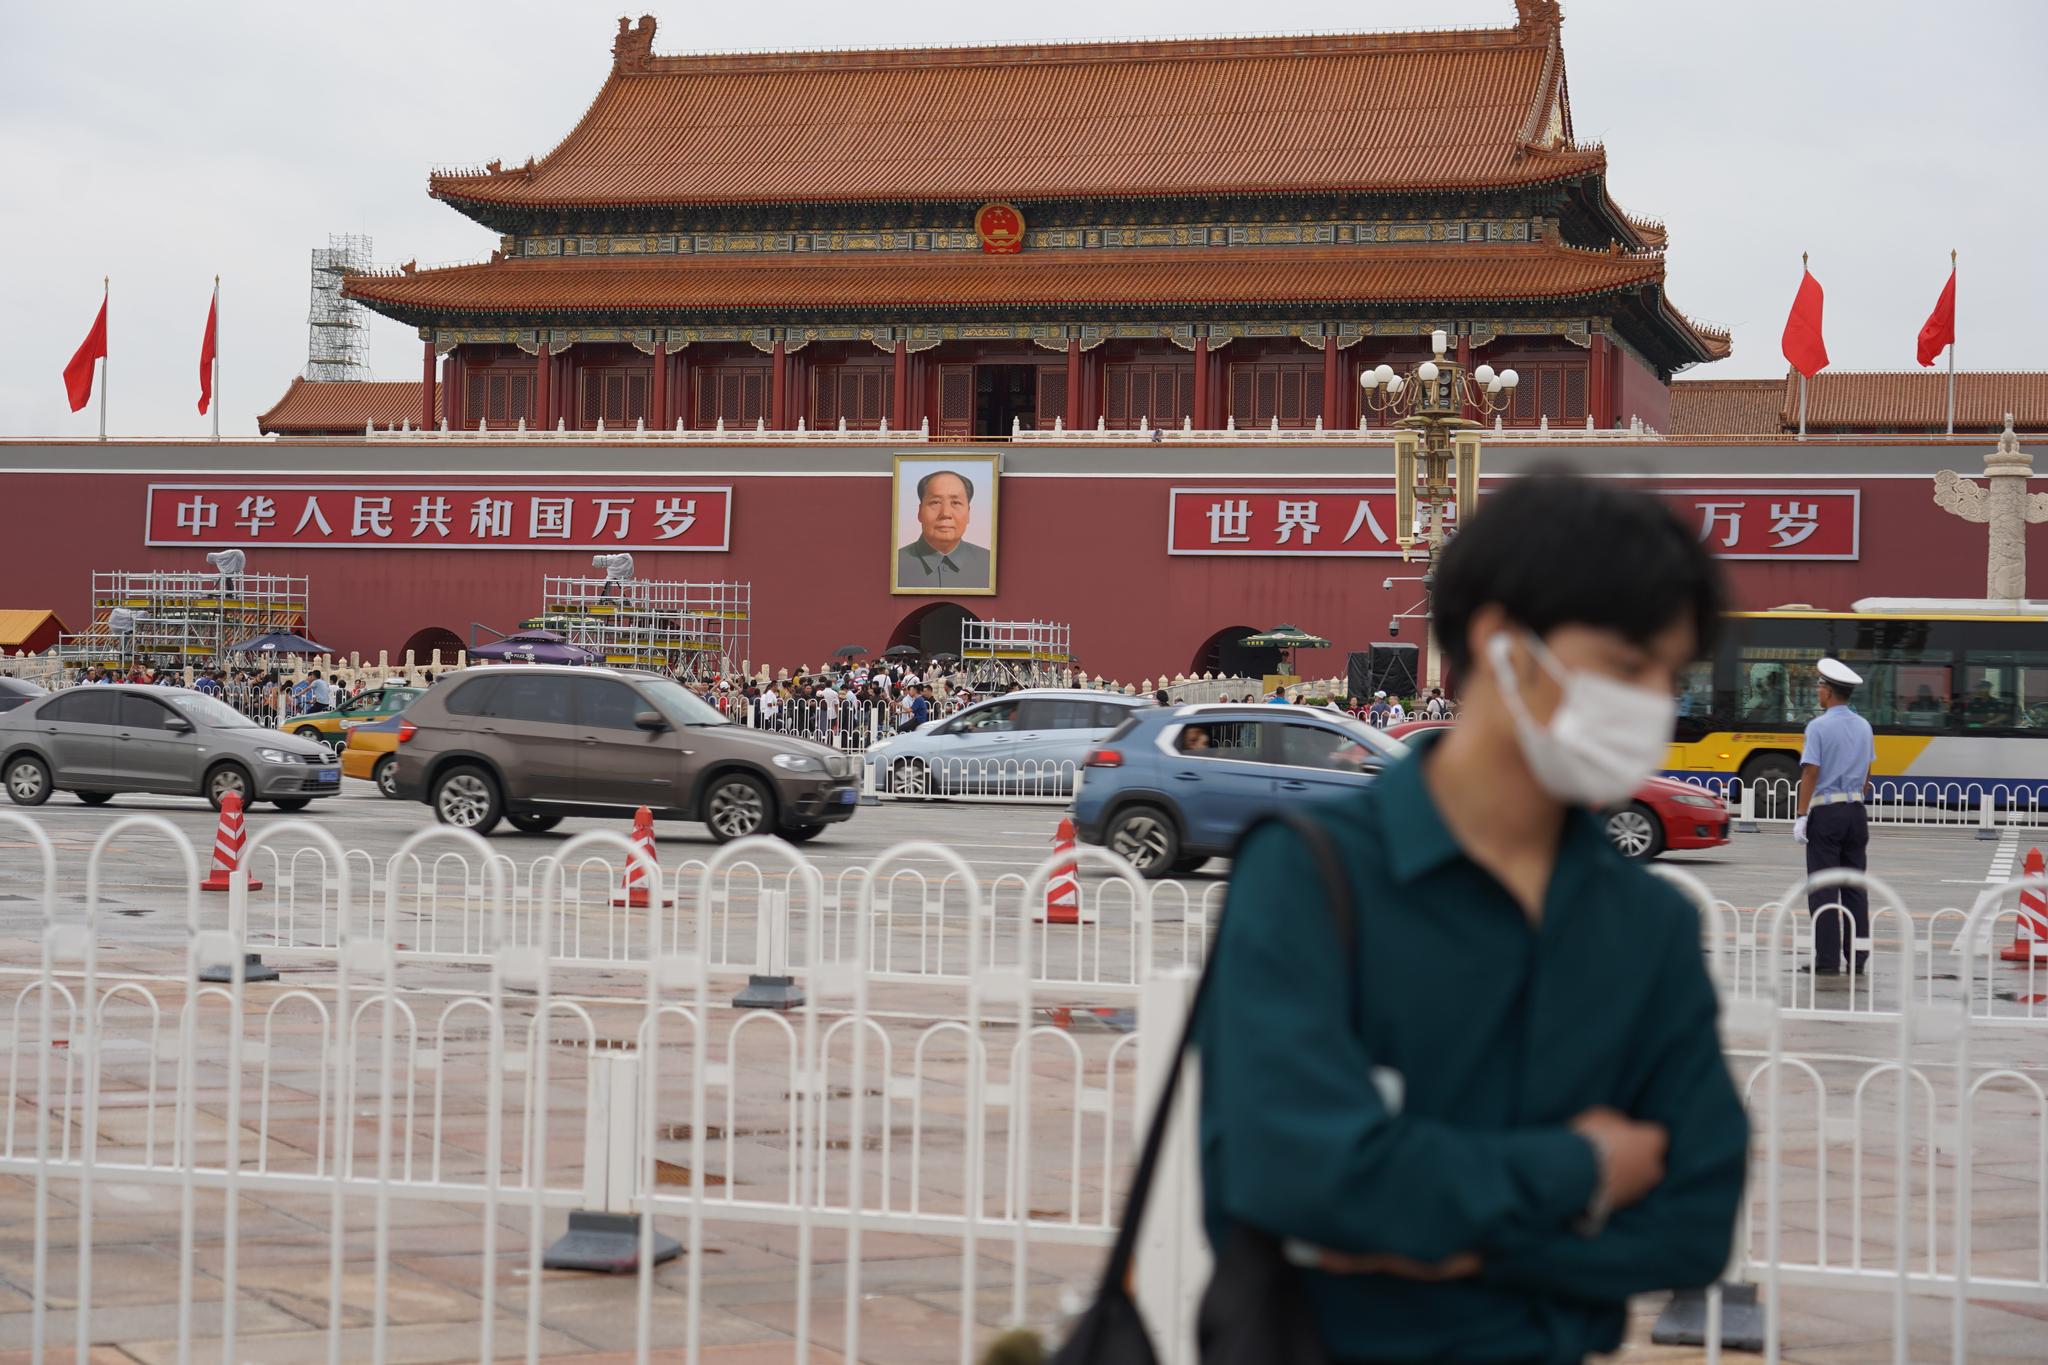 중국 베이징 천안문 광장에서 한 시민이 마스크를 쓰고 있다. [사진 유선욱]